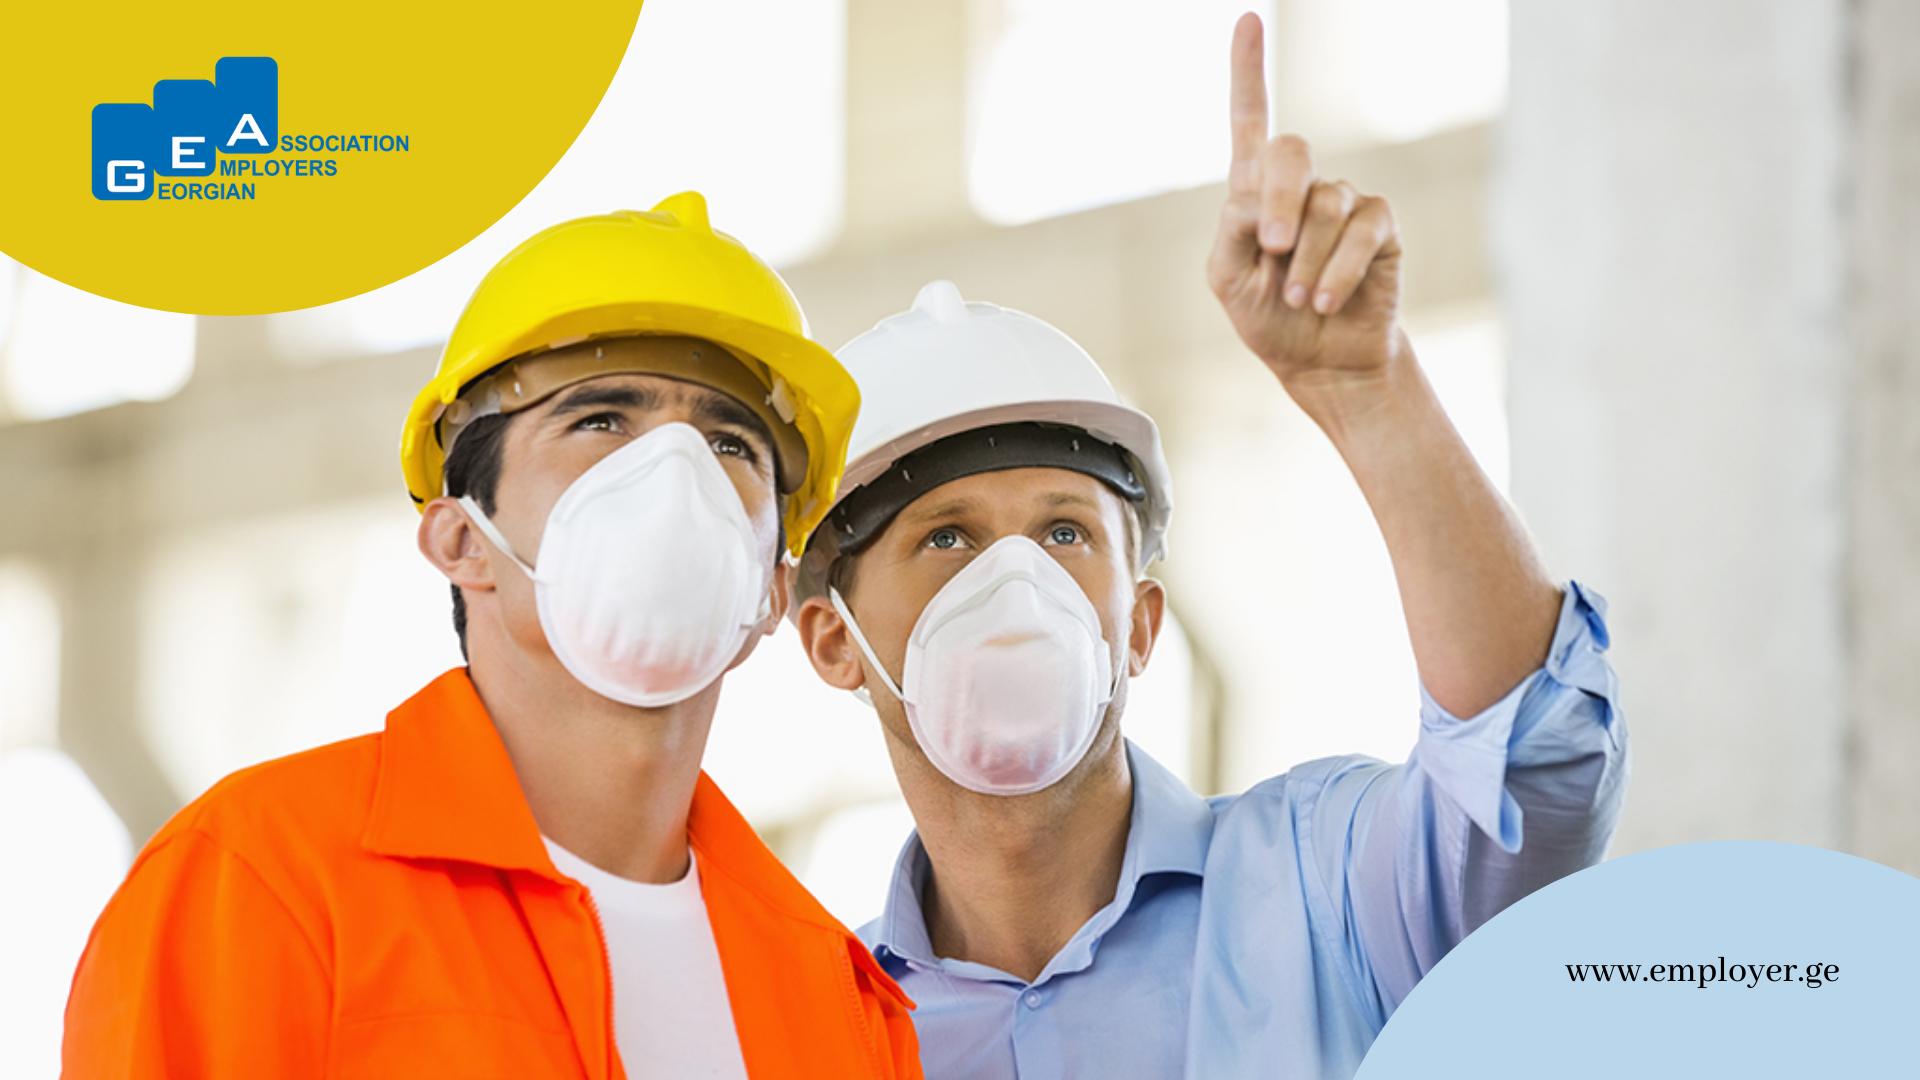 COVID-19-გან დაცვის ღონისძიებების მენეჯმენტი და შრომის უსაფრთხოება